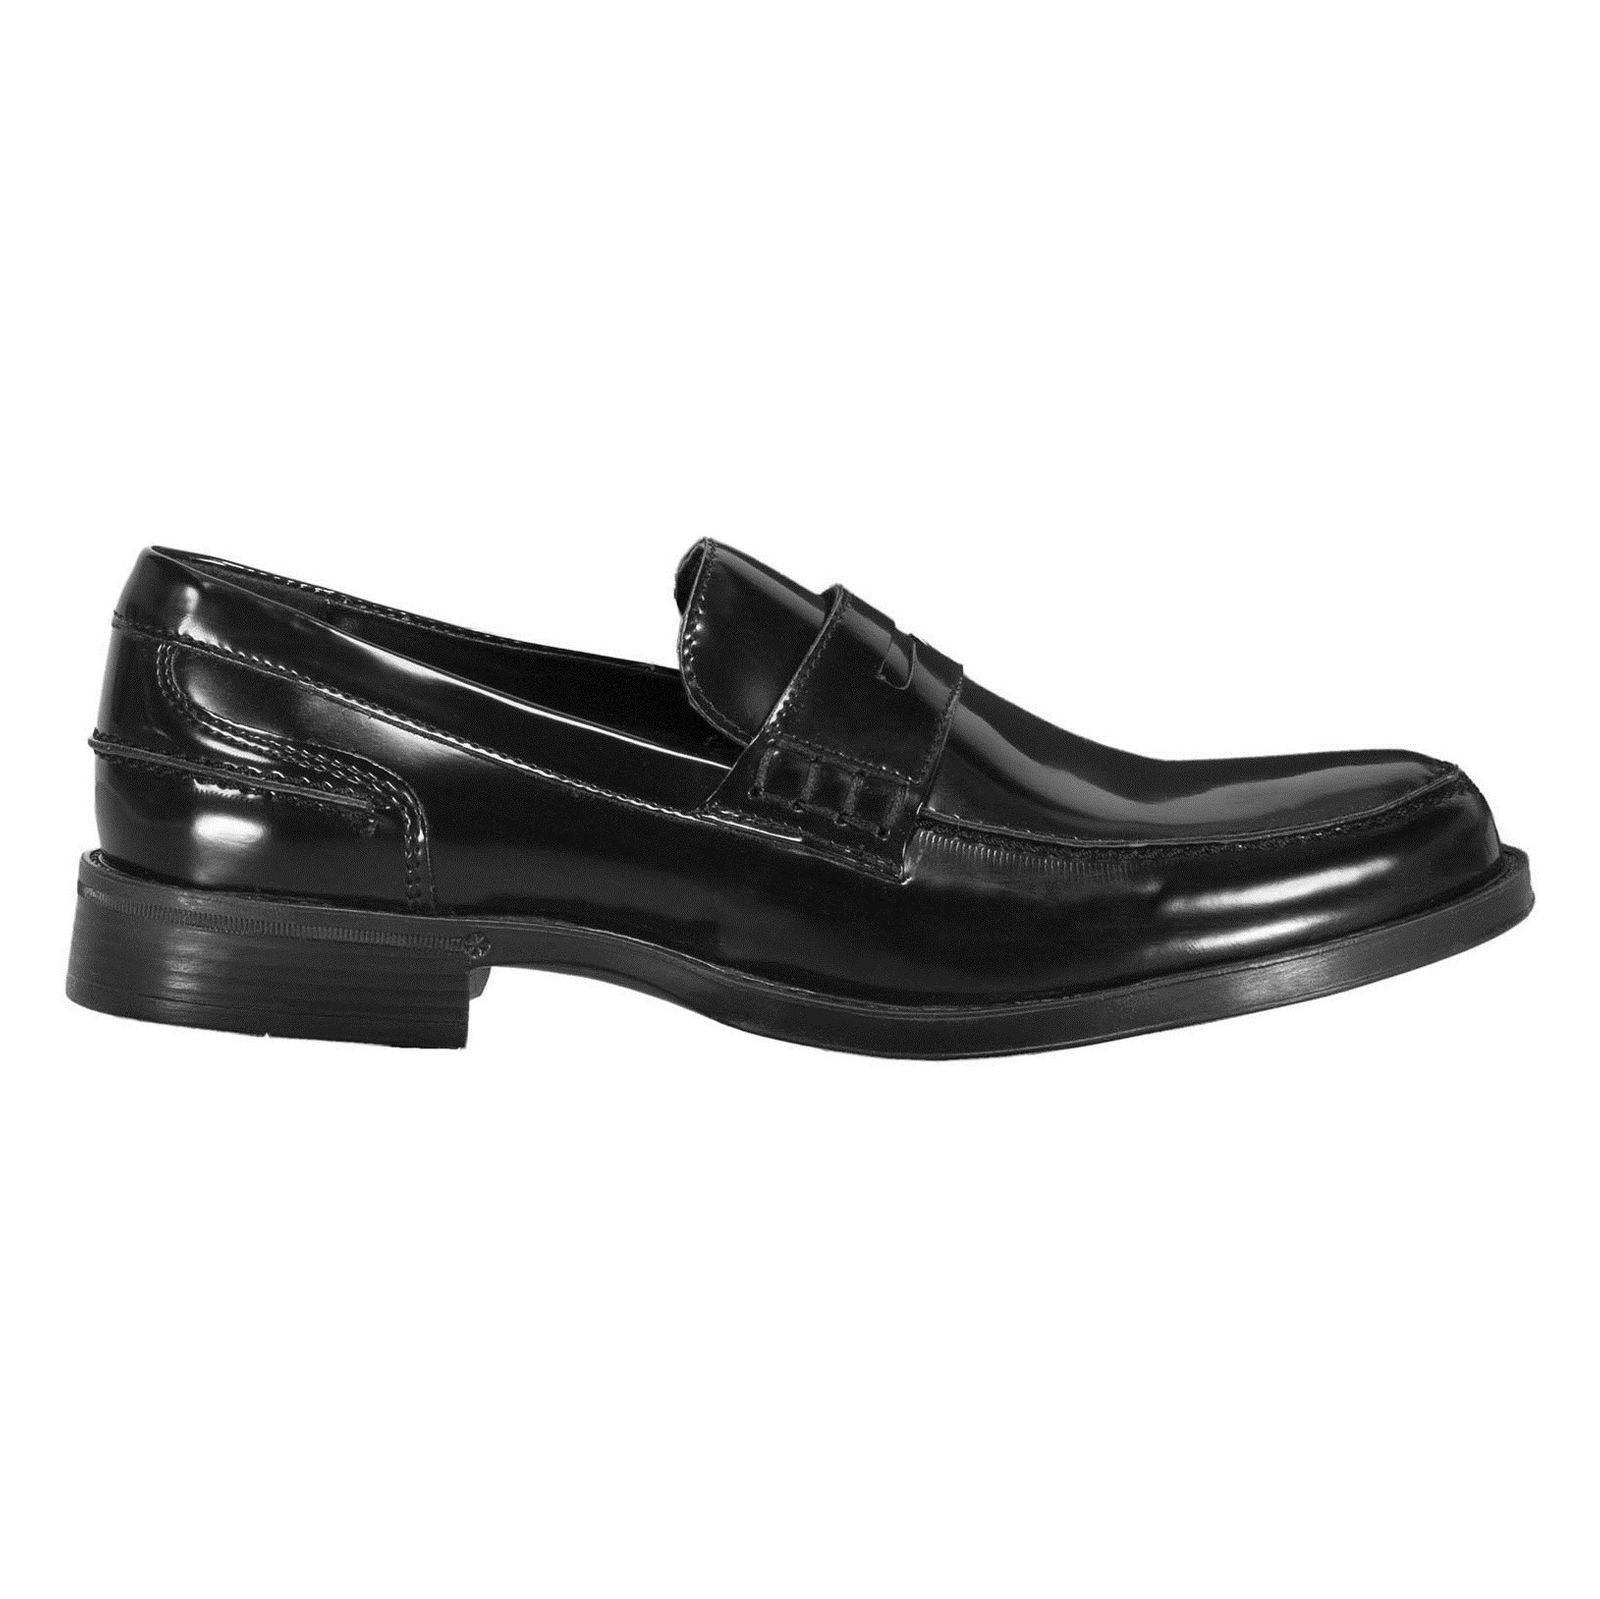 کفش اداری مردانه - باتا - مشکي - 1